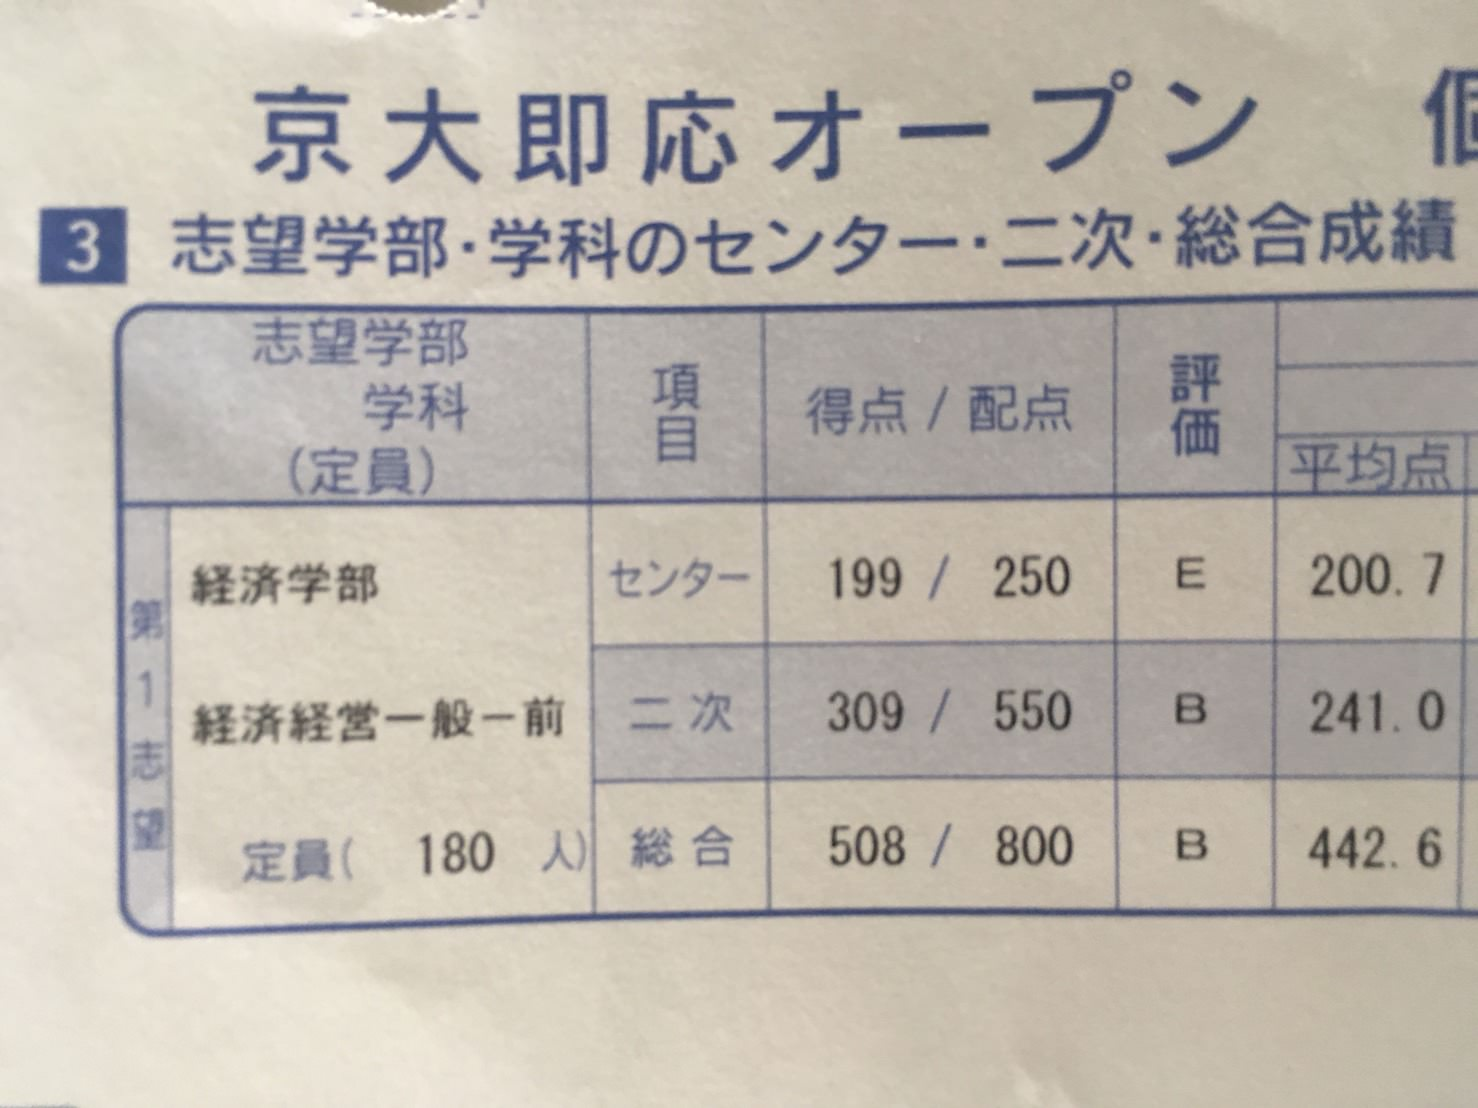 第2回京大オープンの成績表